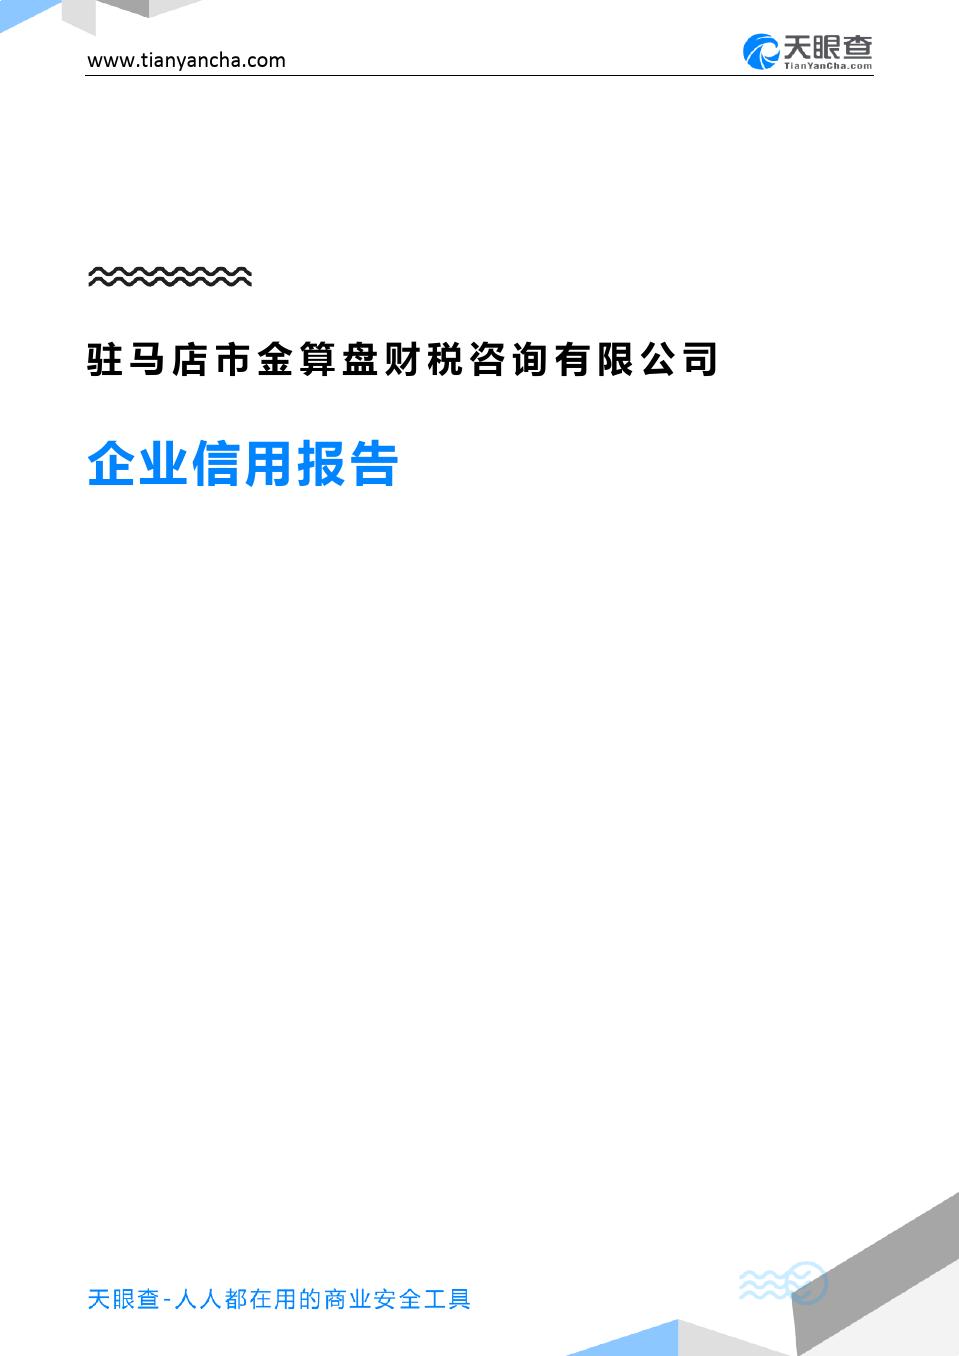 驻马店市金算盘财税咨询有限公司企业信用报告-天眼查